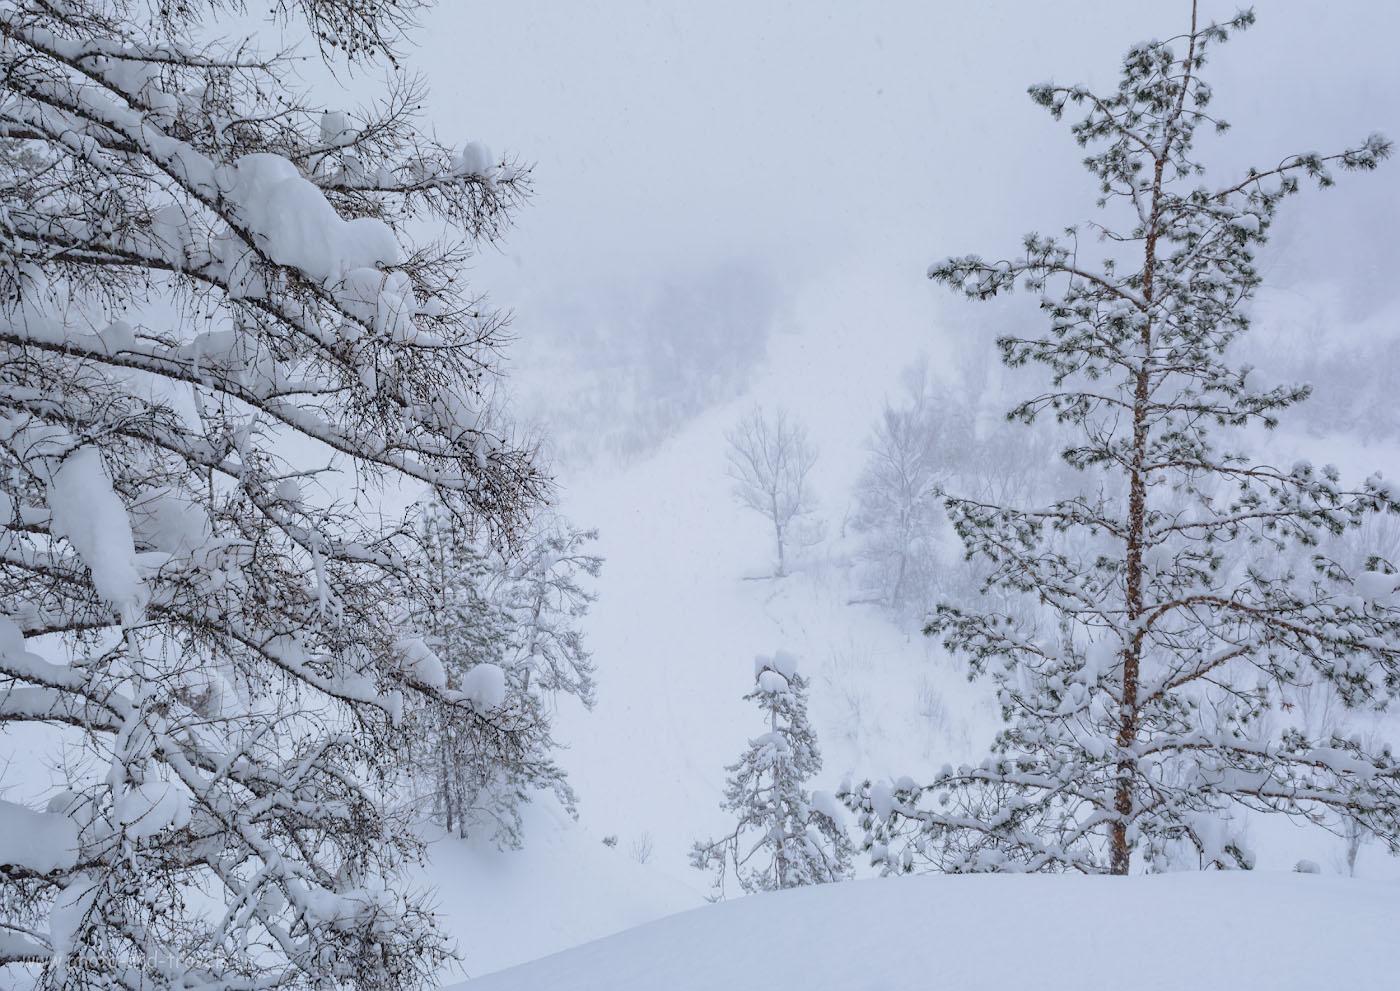 Фото 11. Пейзажи на Урале почти как у Джека Лондона. Съемка на Никон Д5200 + Никон 17-55/2,8. Использованы следующие параметры: 1/100, +0.67, 11.0, 500, 17.